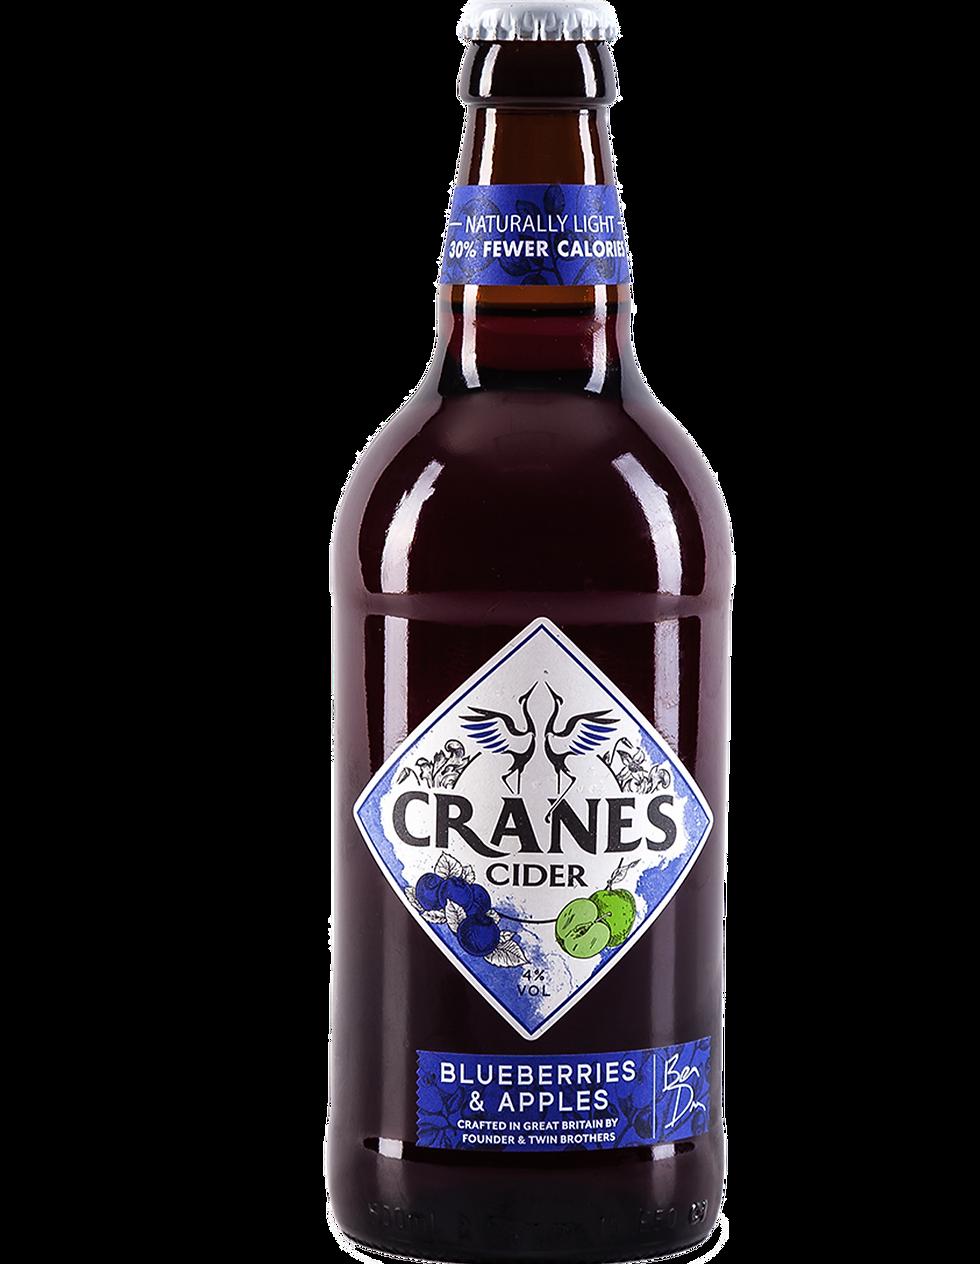 Cranes Blueberres & Apples Cider